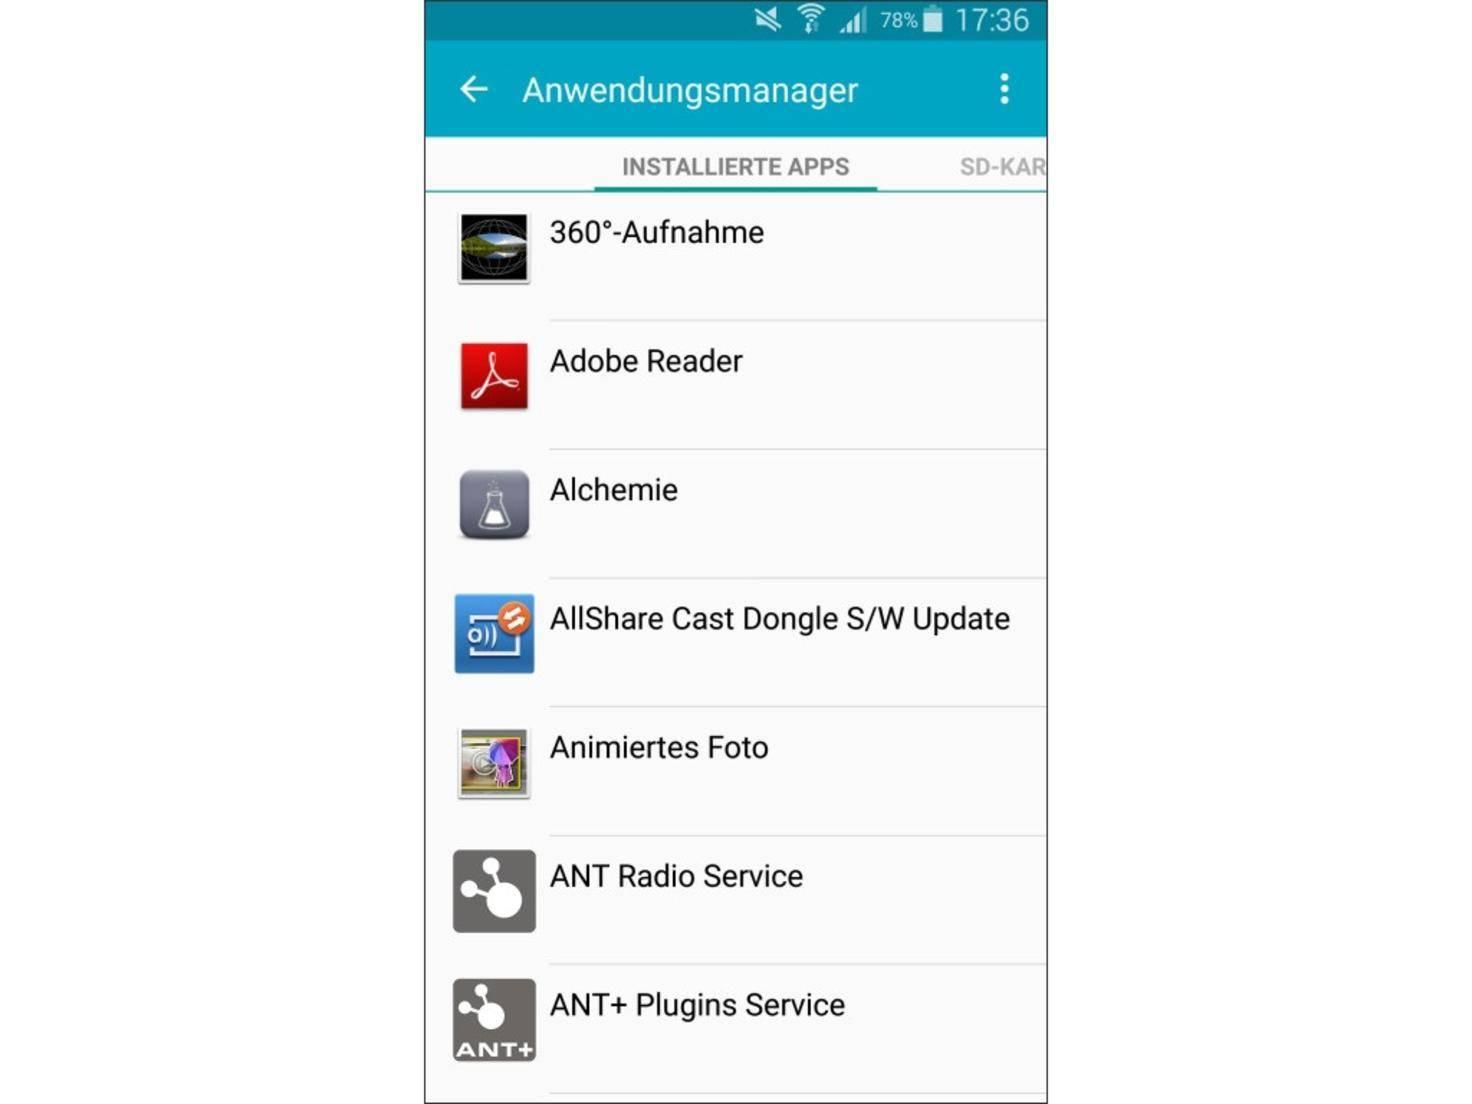 Im Anwendungsmanager findest Du alle installierten Apps.